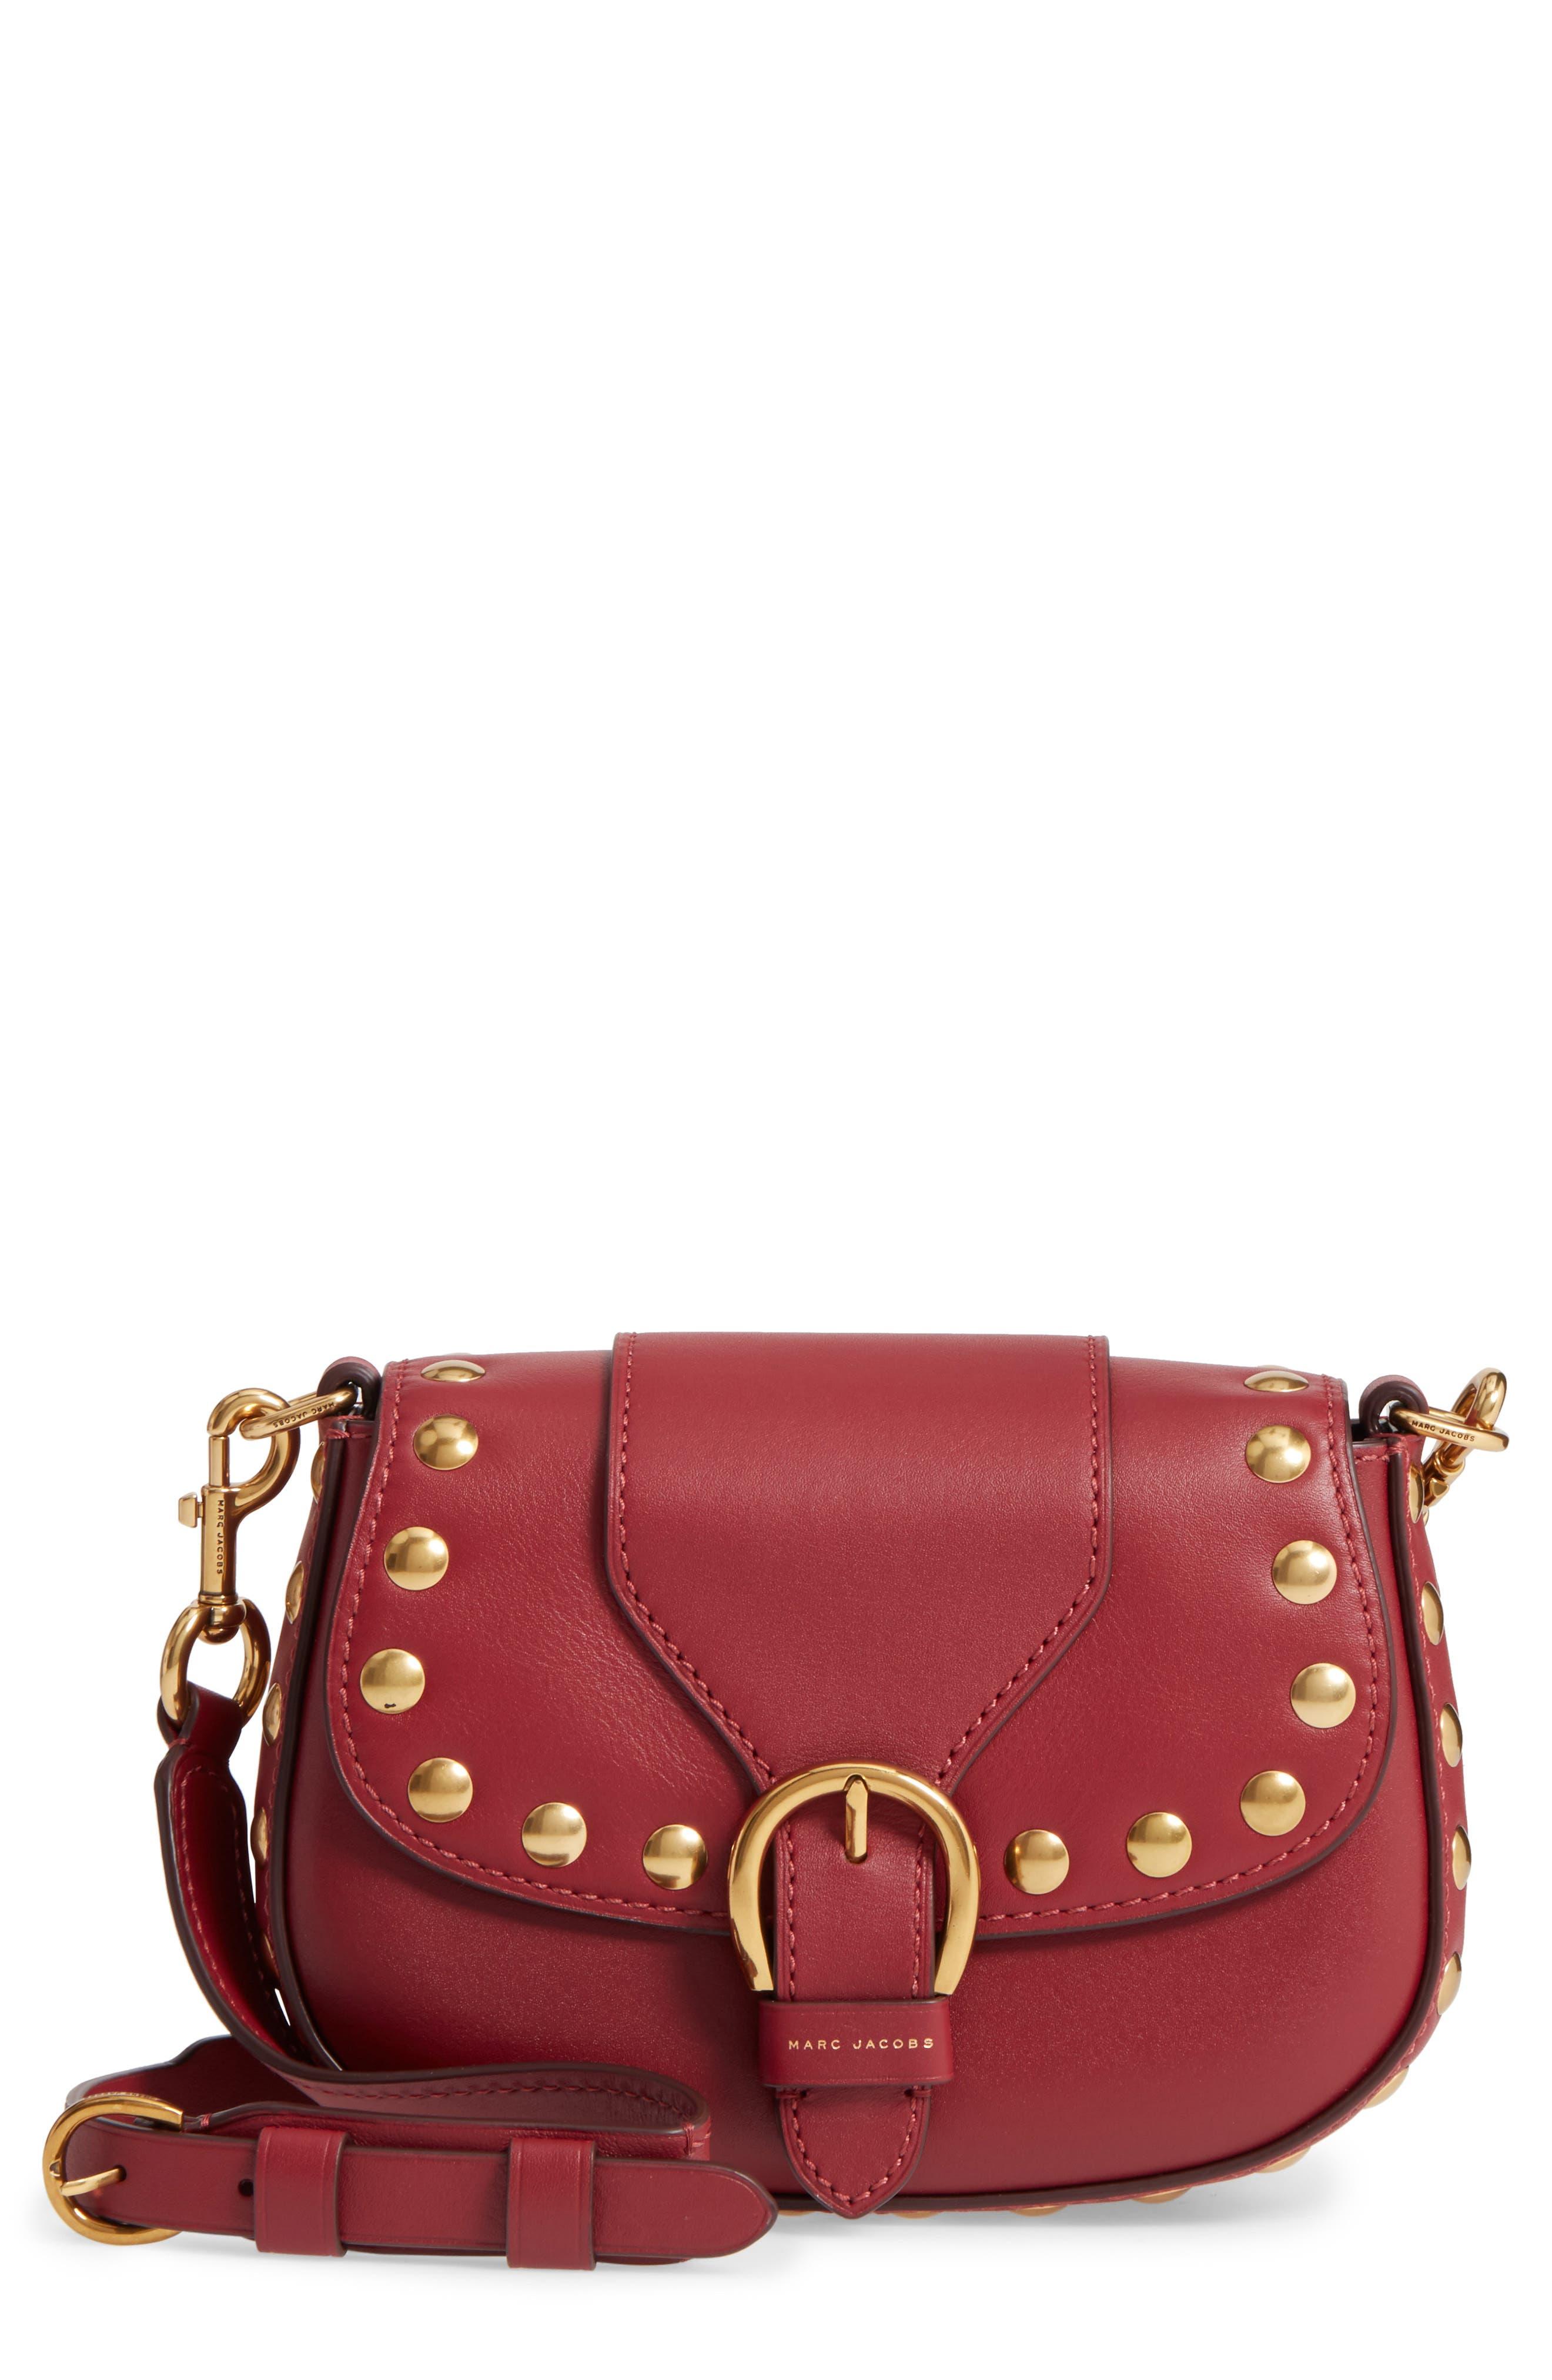 MARC JACOBS Small Studded Navigator Leather Saddle Bag